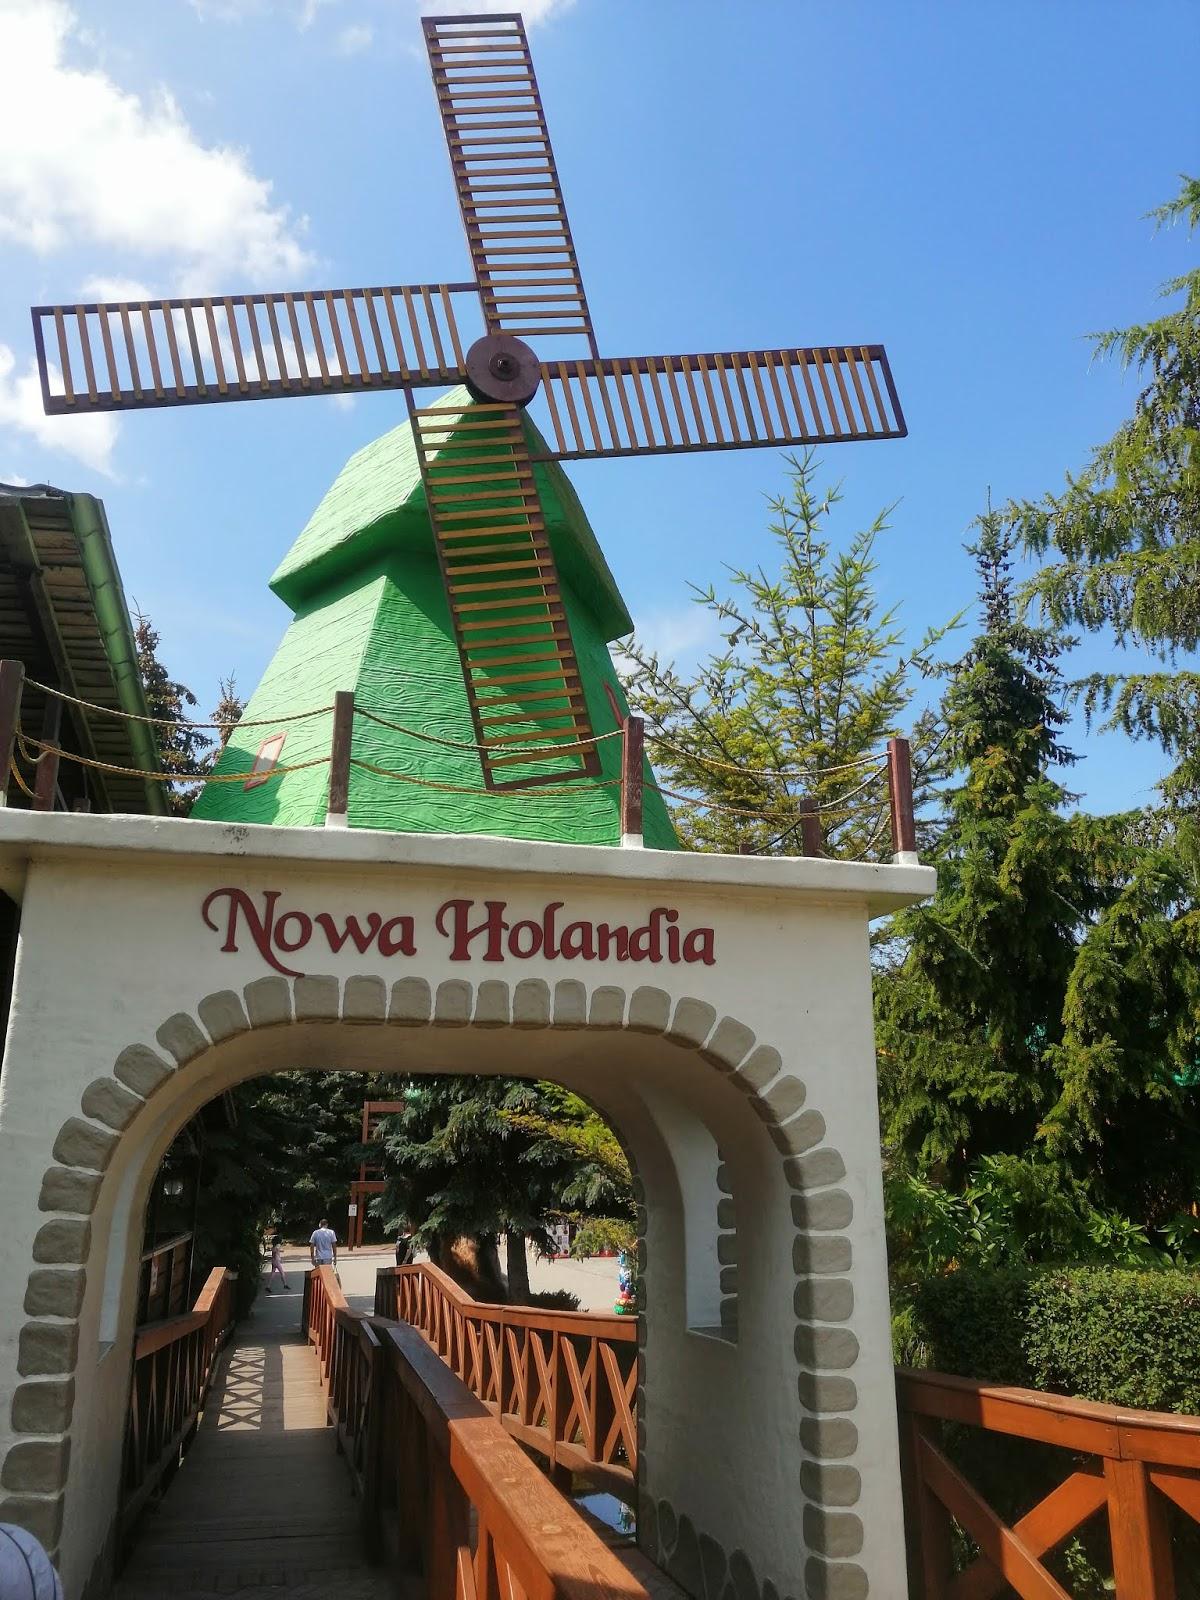 Rodzinny Park Rozrywki Nowa Holandia w Elblągu